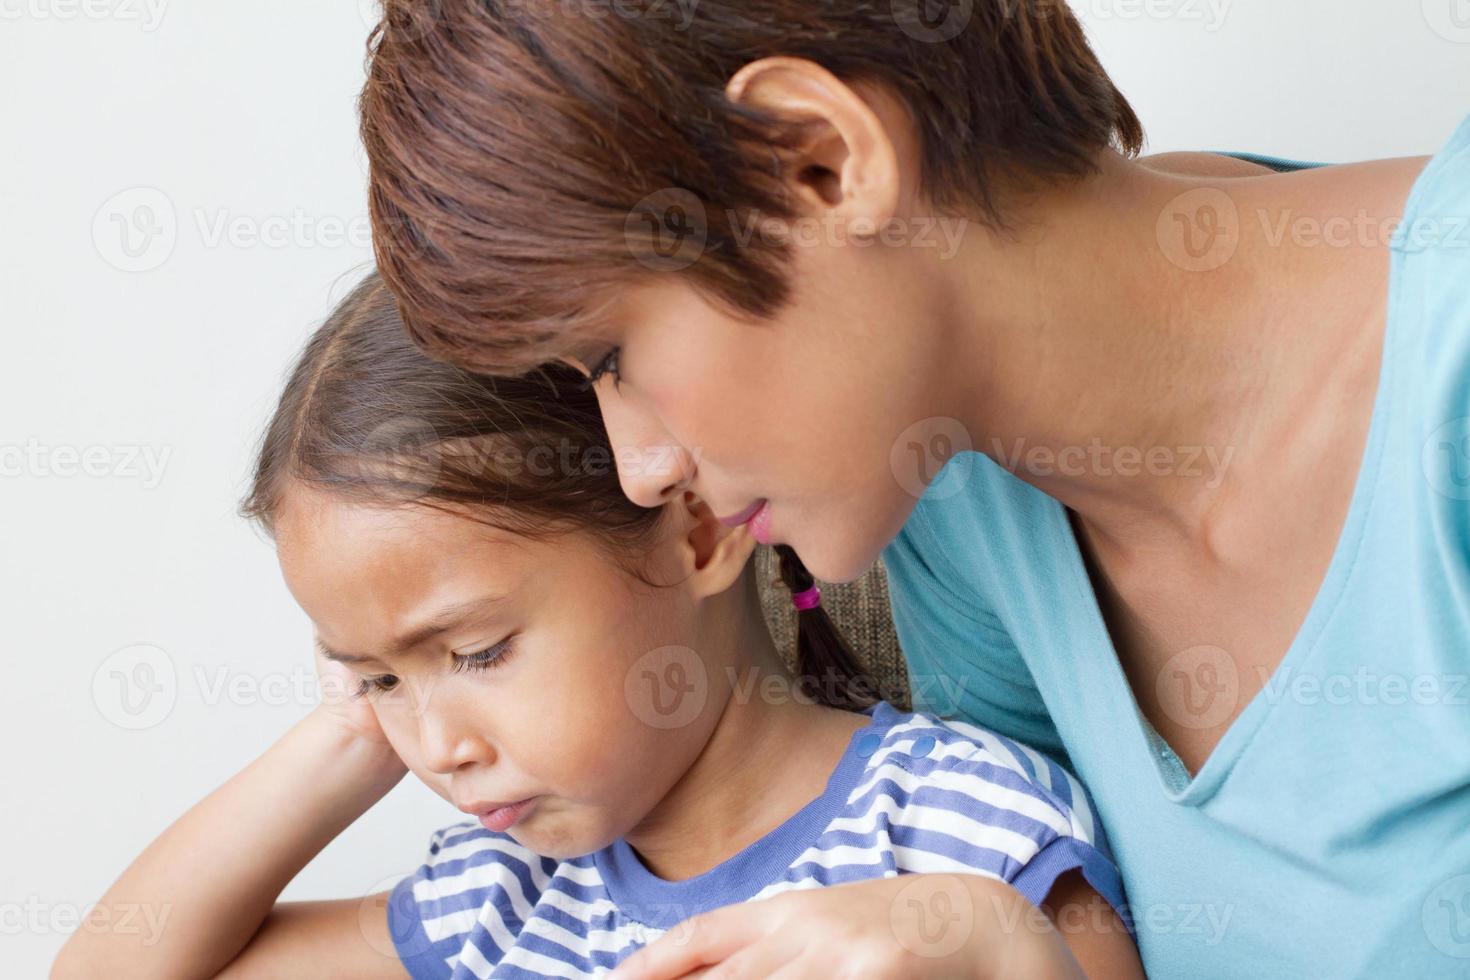 problema da criança com a mãe carinhosa foto